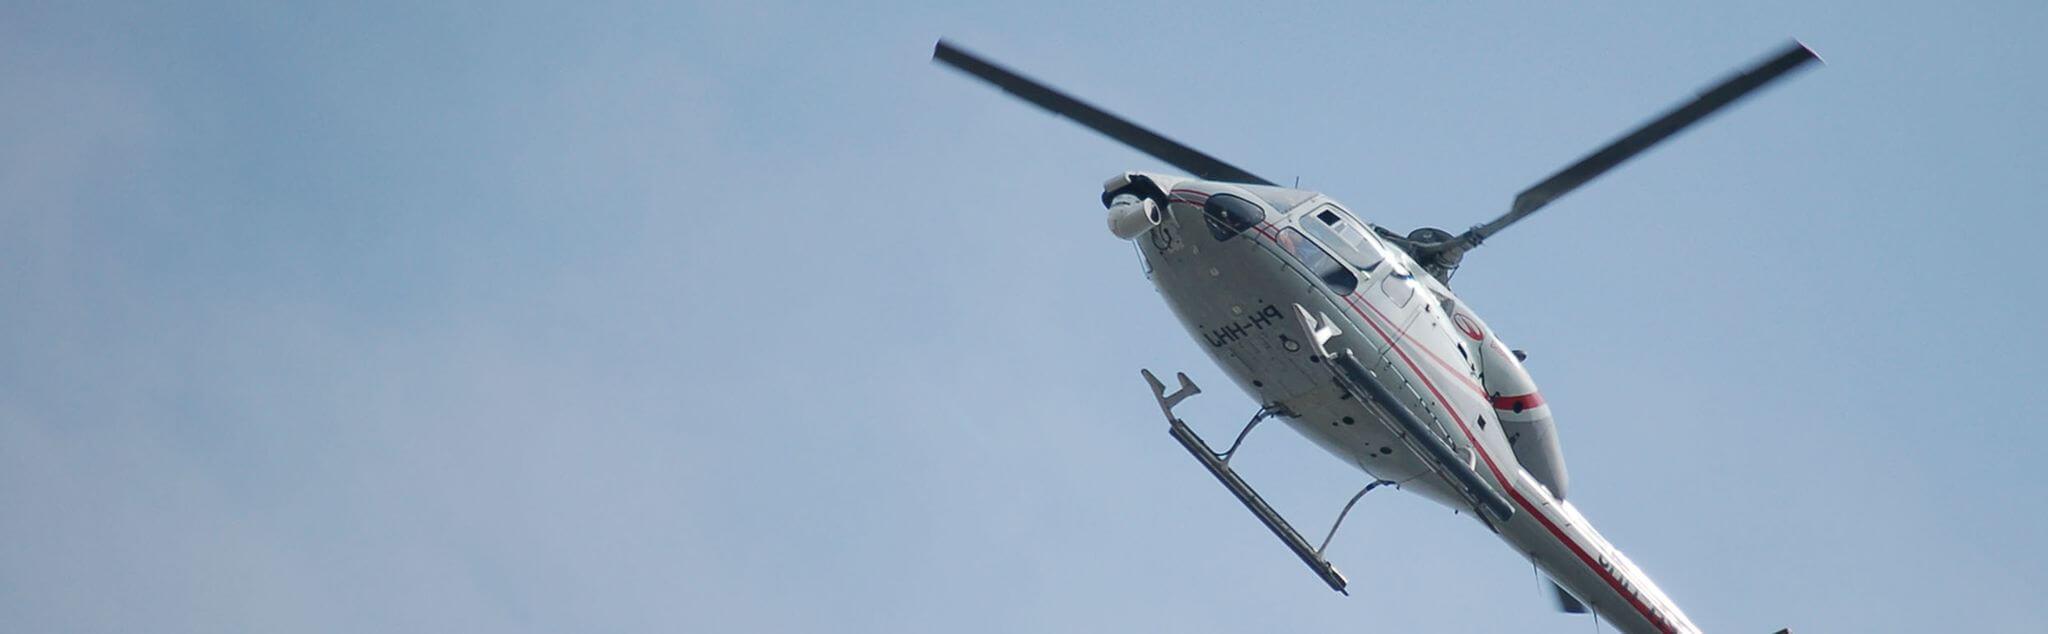 Volo Elicottero a Treviso